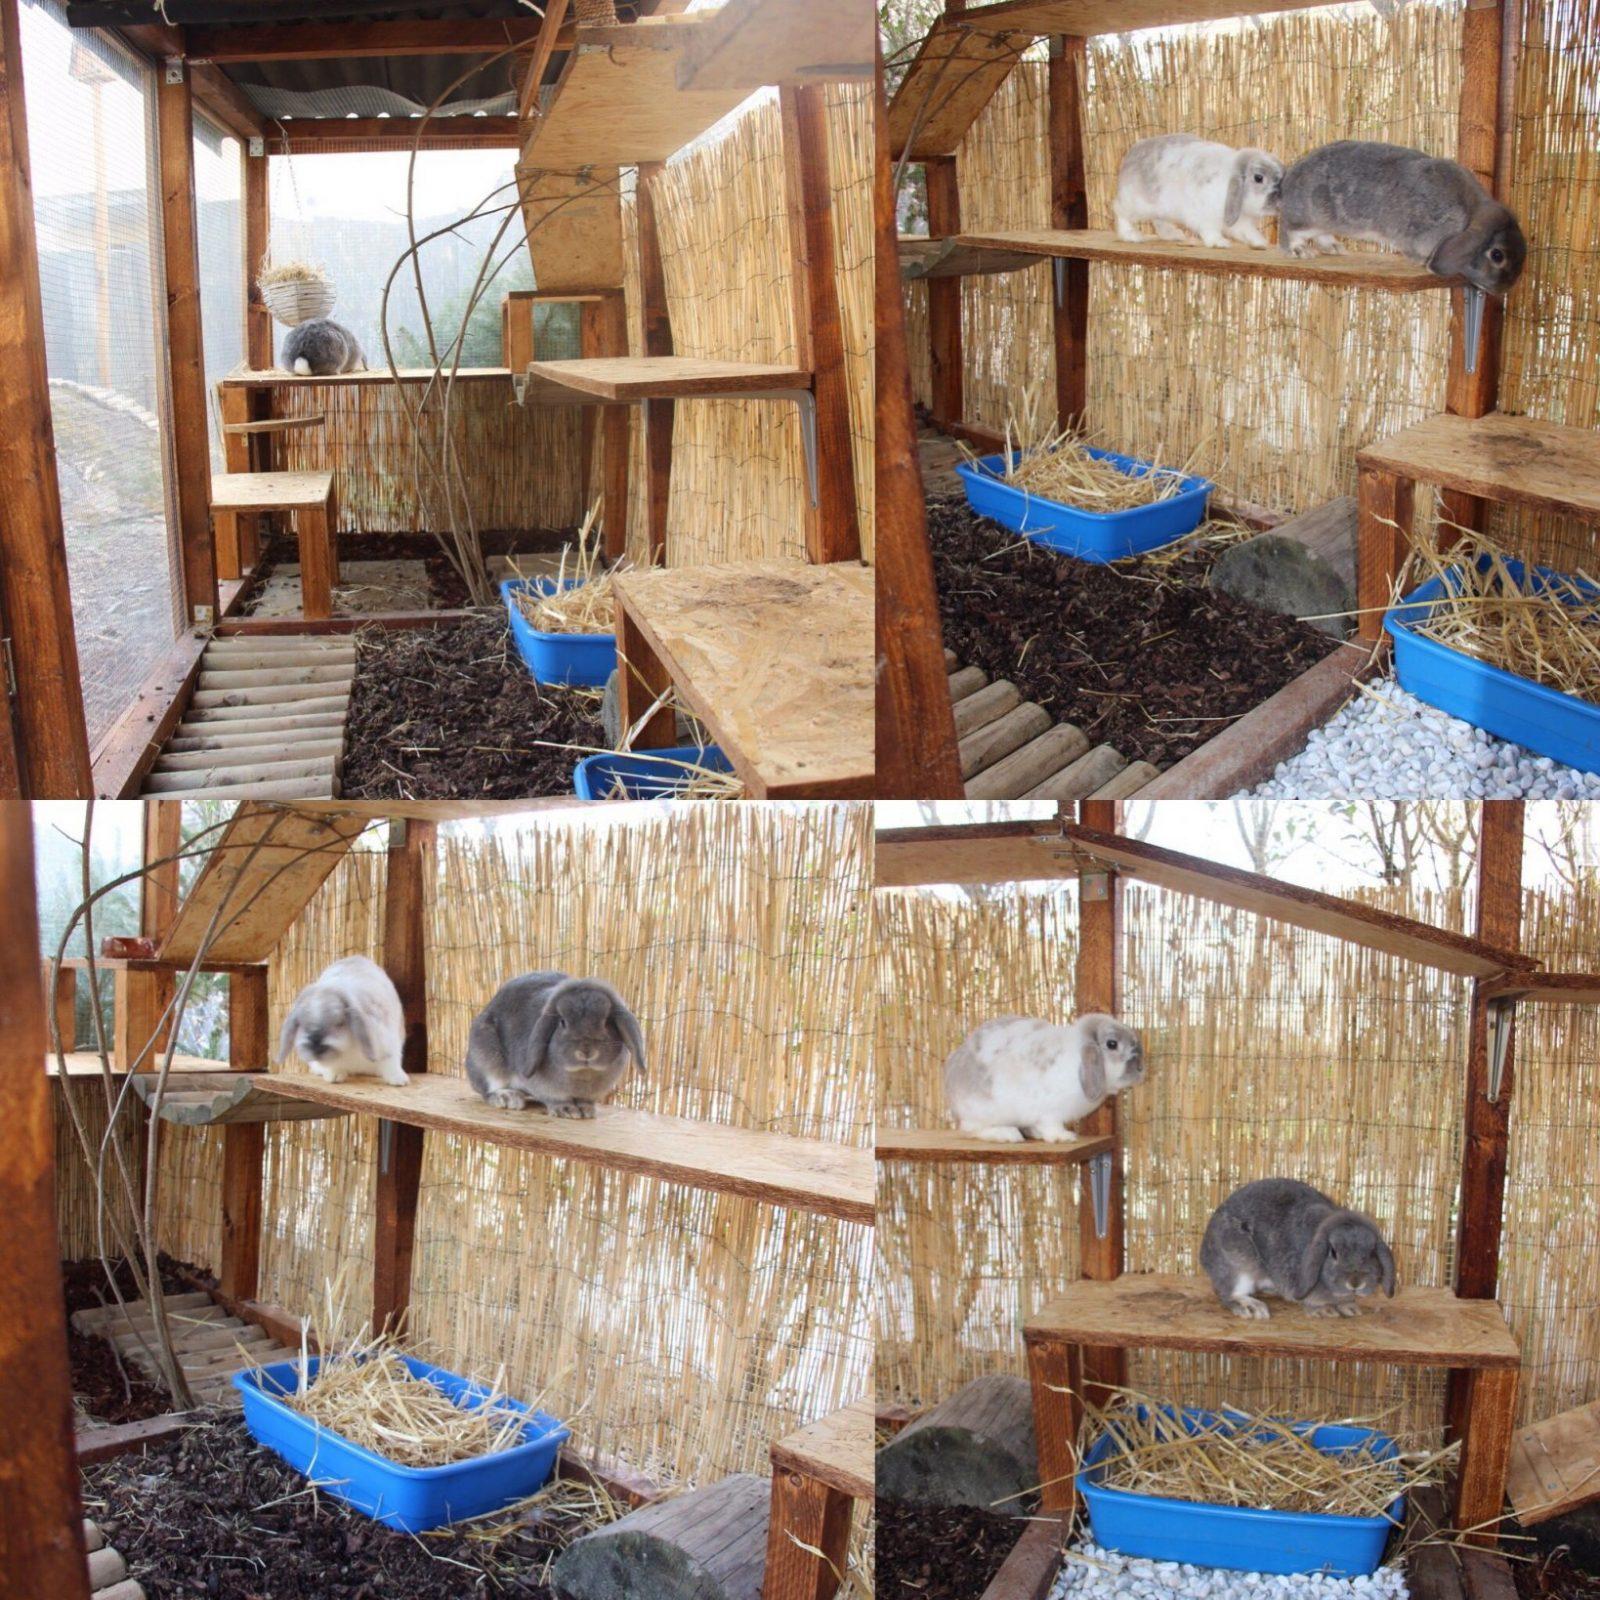 Bildergebnis Für Spielzeug Für Kaninchen Selber Bauen  Lilly von Kaninchen Spielplatz Selber Bauen Photo